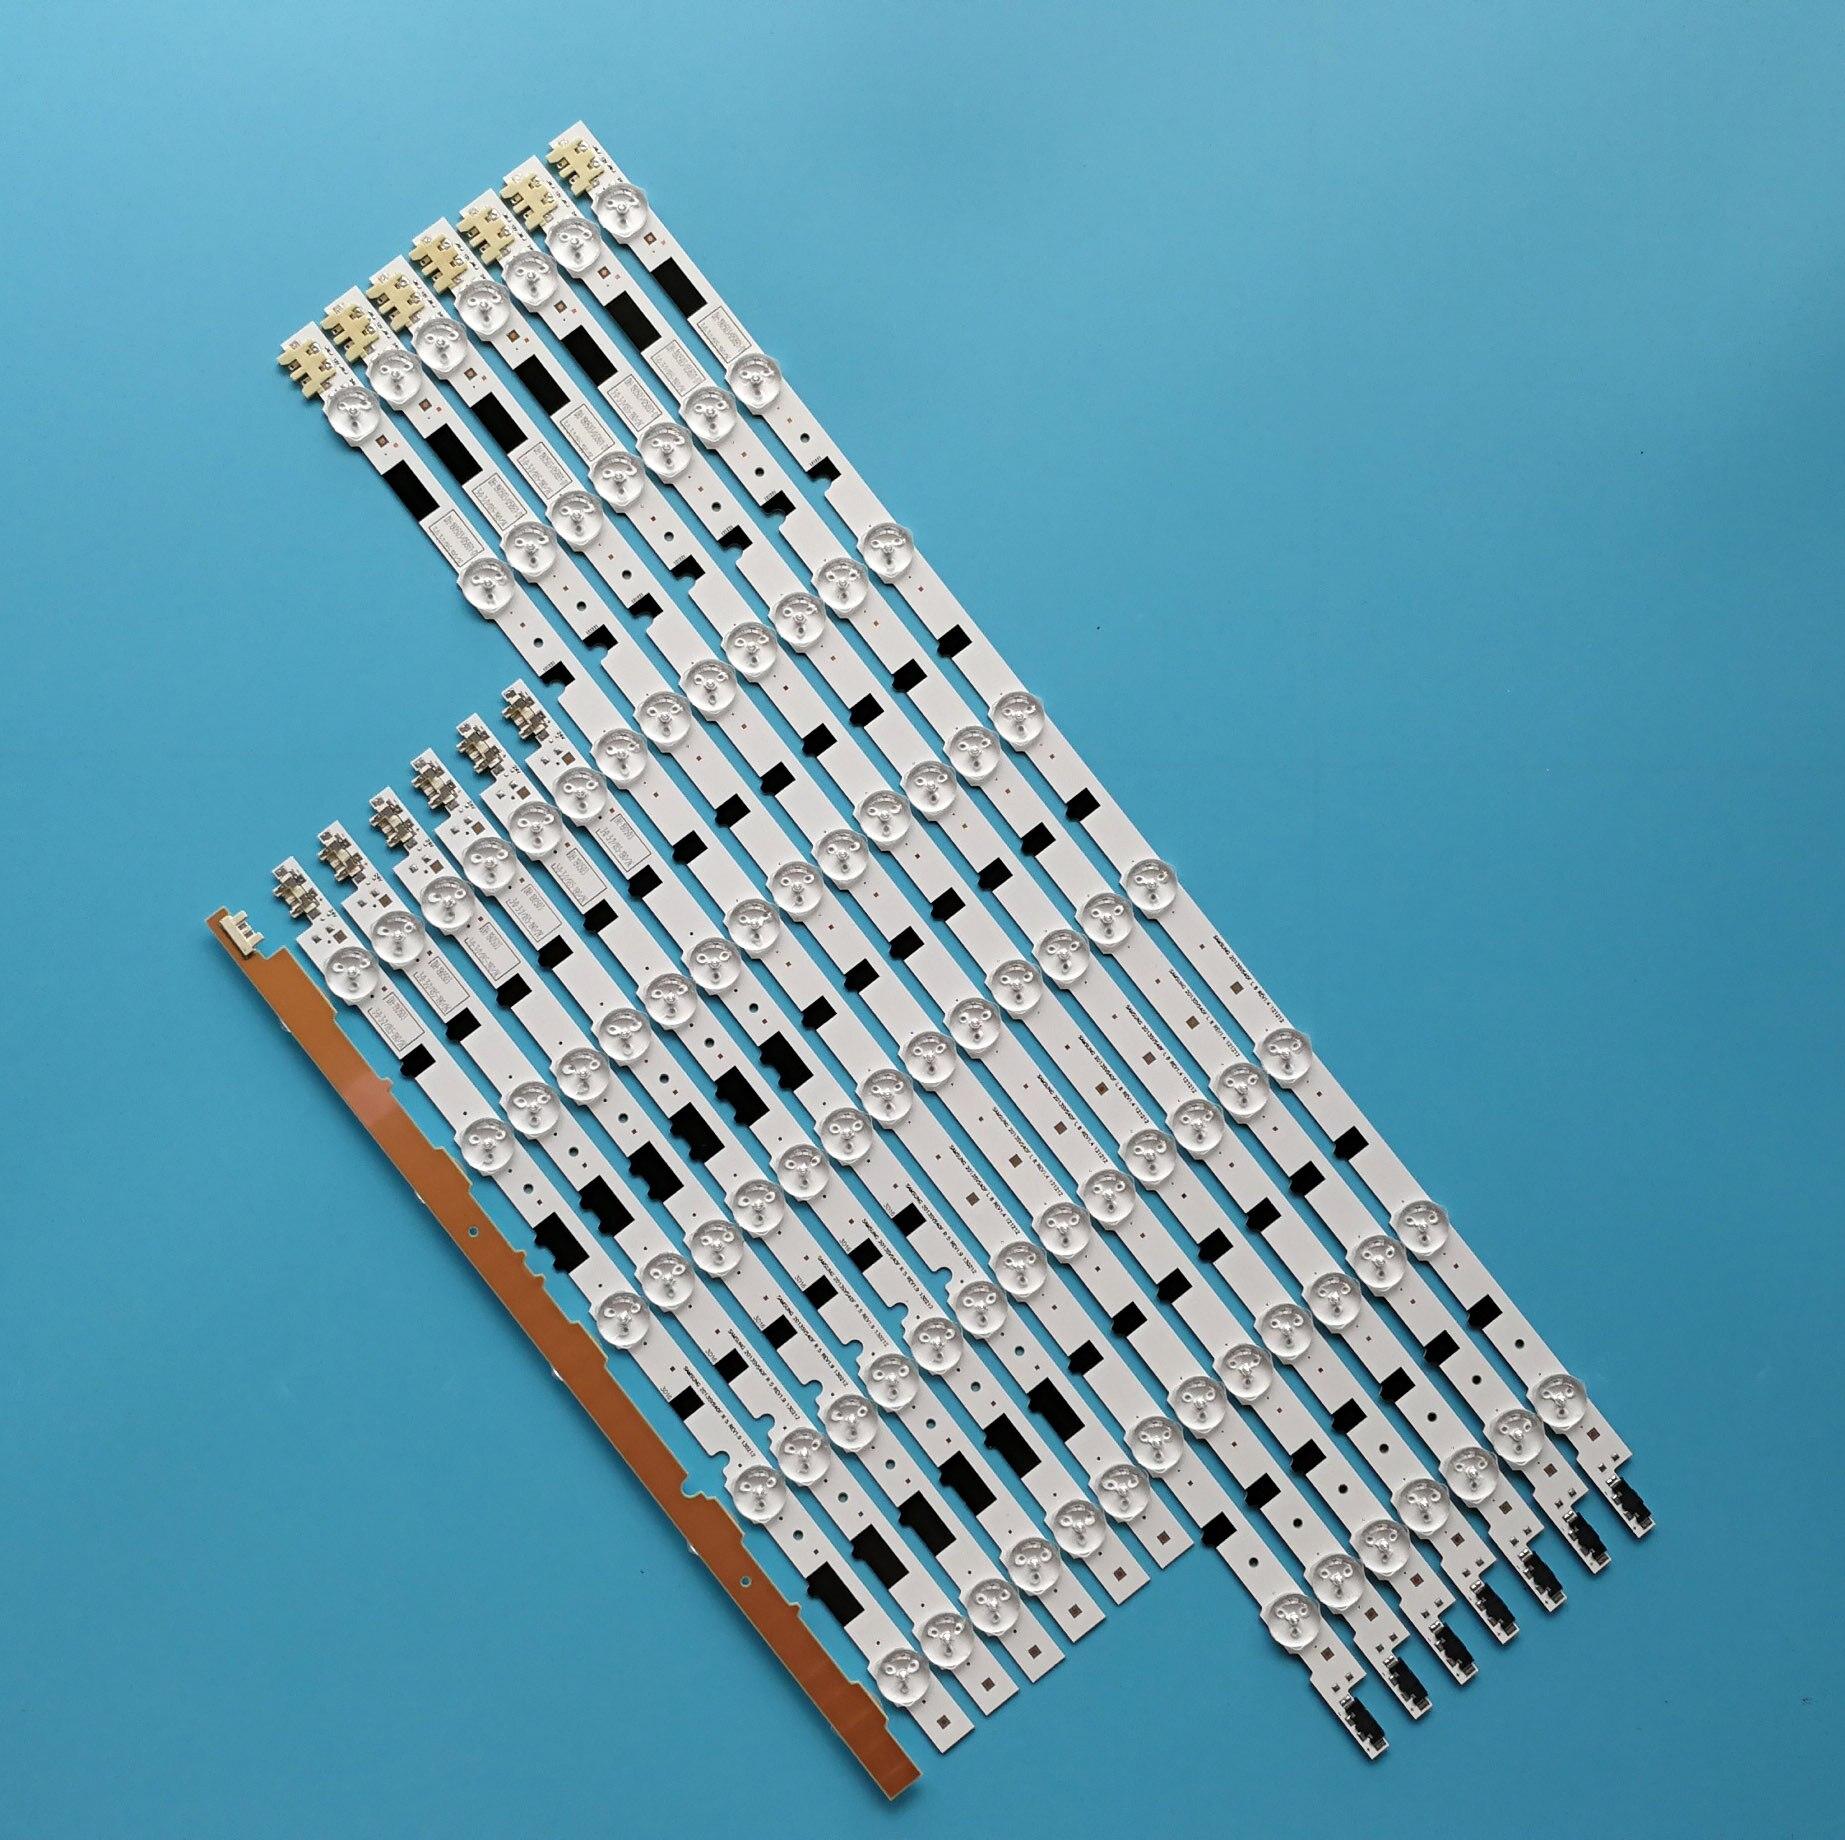 20sets New LED Strip 13 LEDs For Samsung 40 TV 2013SVS40F UE40F6400 D2GE-400SCA-R3 UA40F5500 D2GE-400SCB-R3 UE40F5000 UE40F570020sets New LED Strip 13 LEDs For Samsung 40 TV 2013SVS40F UE40F6400 D2GE-400SCA-R3 UA40F5500 D2GE-400SCB-R3 UE40F5000 UE40F5700